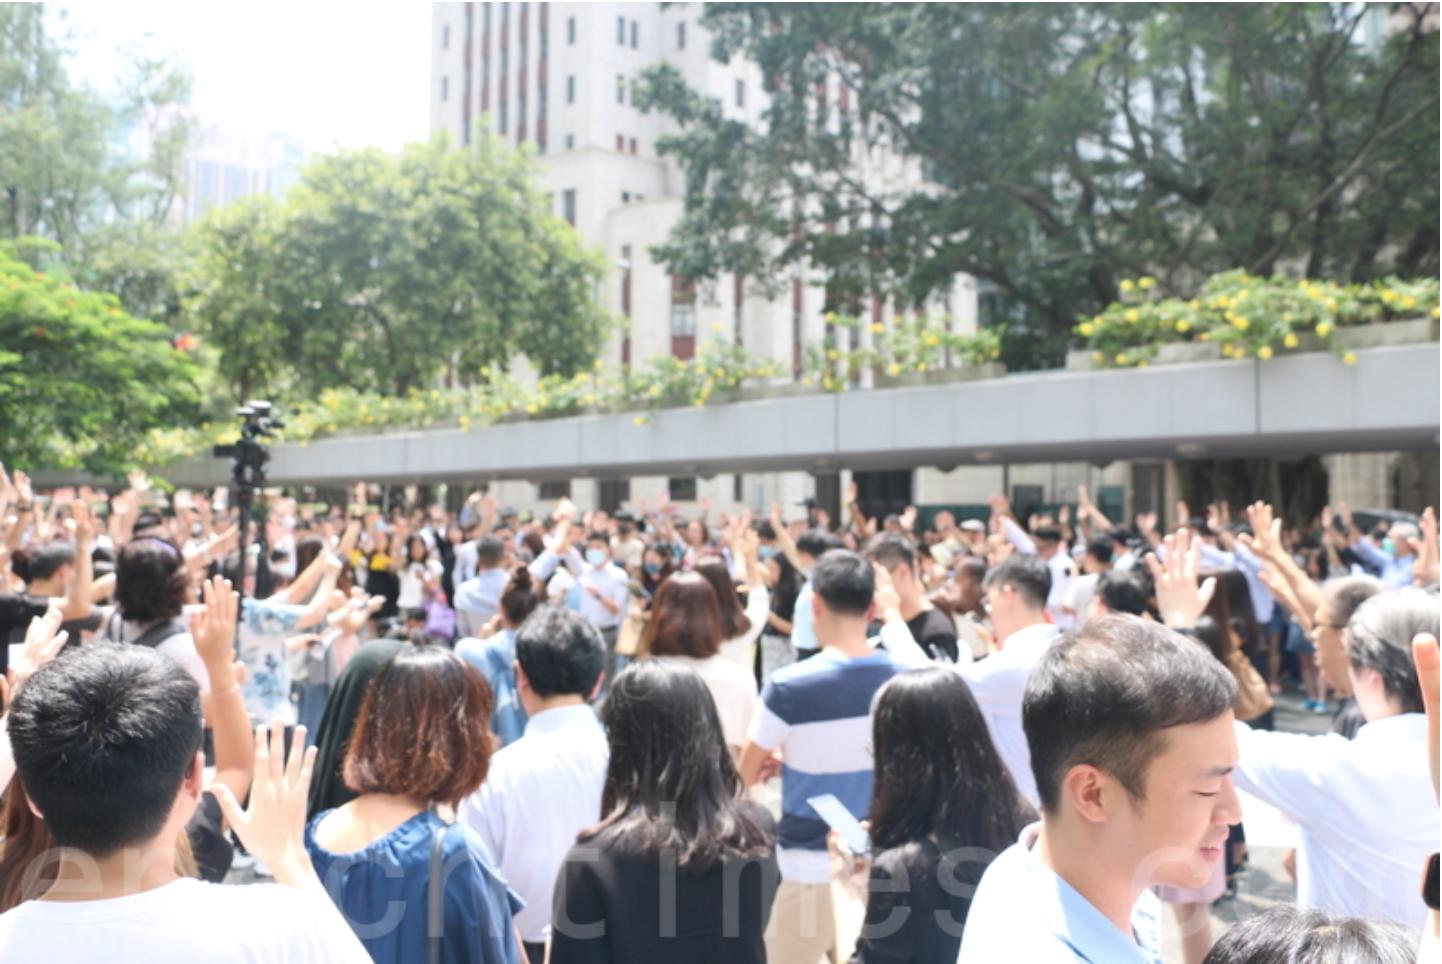 在繼《願榮光歸於香港》這首歌曲第一次隆重出場後,今日(9月13日)下午1時,來自香港各界的白領一族數百人齊聚中環遮打花園進行同步快閃合唱此首歌曲,並持續要求「五大訴求,缺一不可」。(葉依帆 / 大紀元)